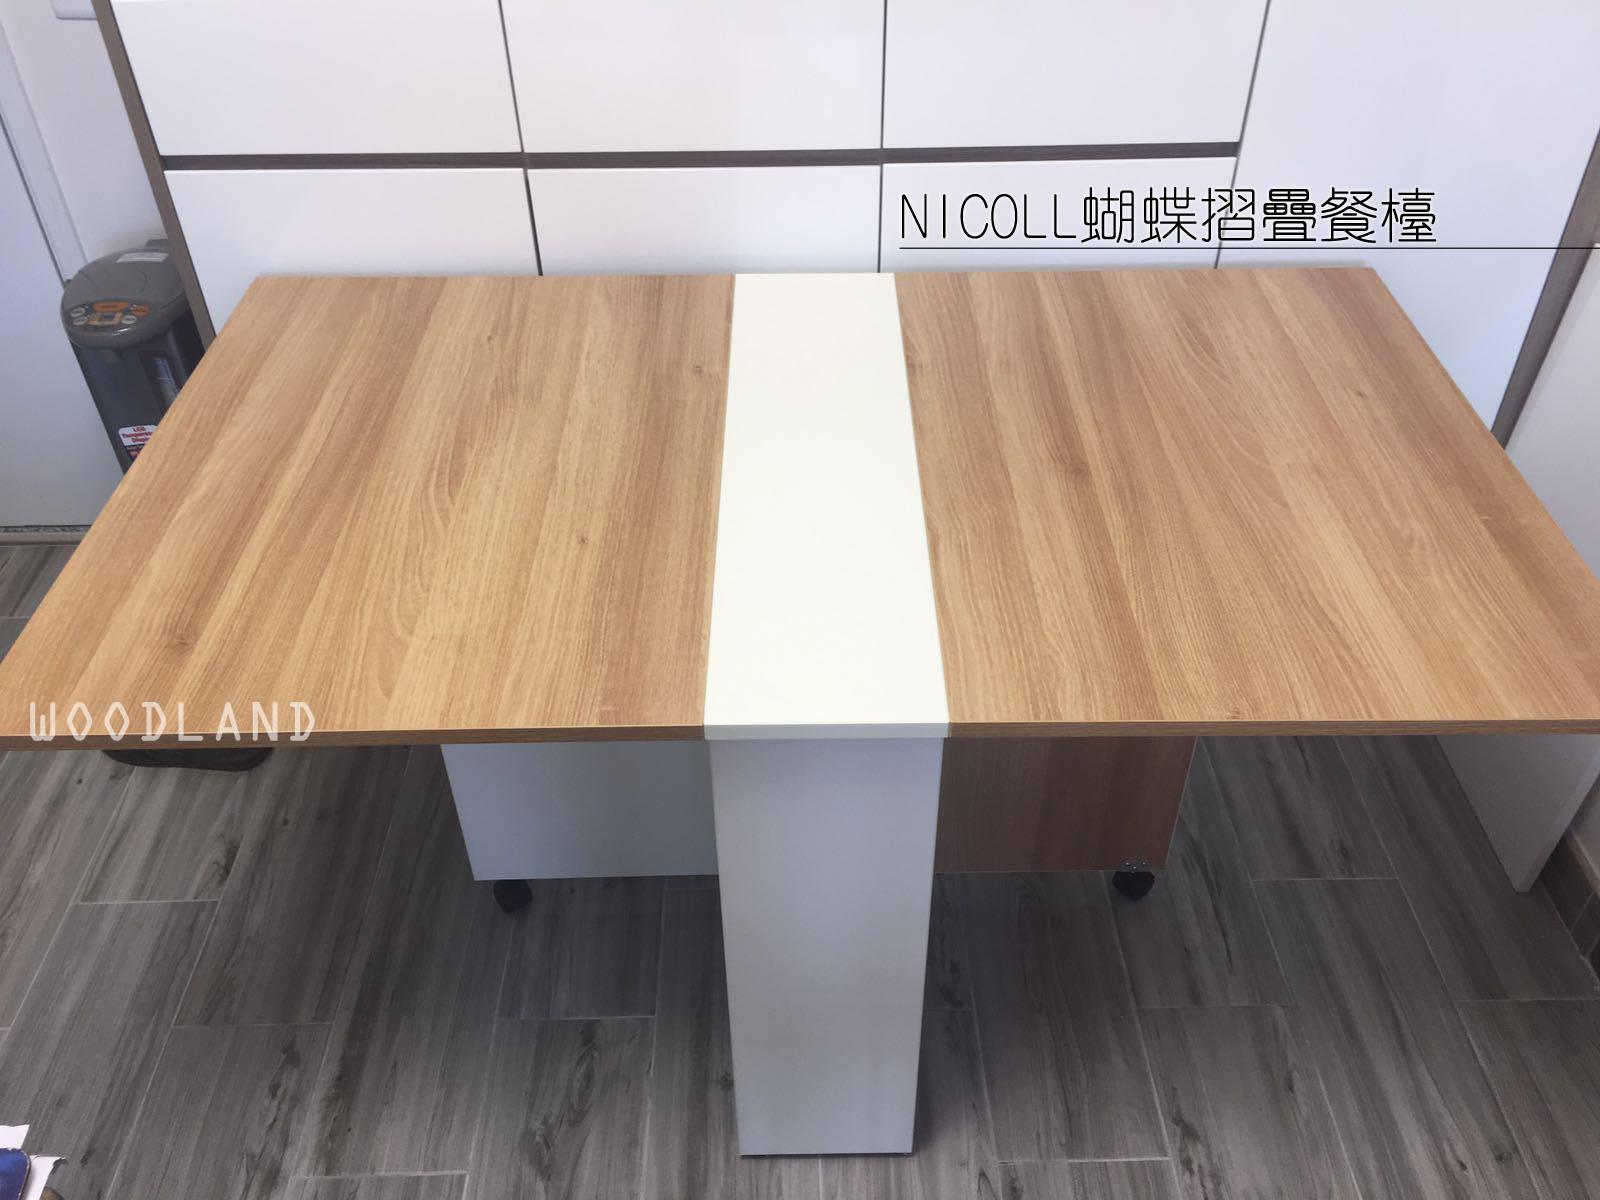 NICOLL 蝴蝶摺疊餐檯